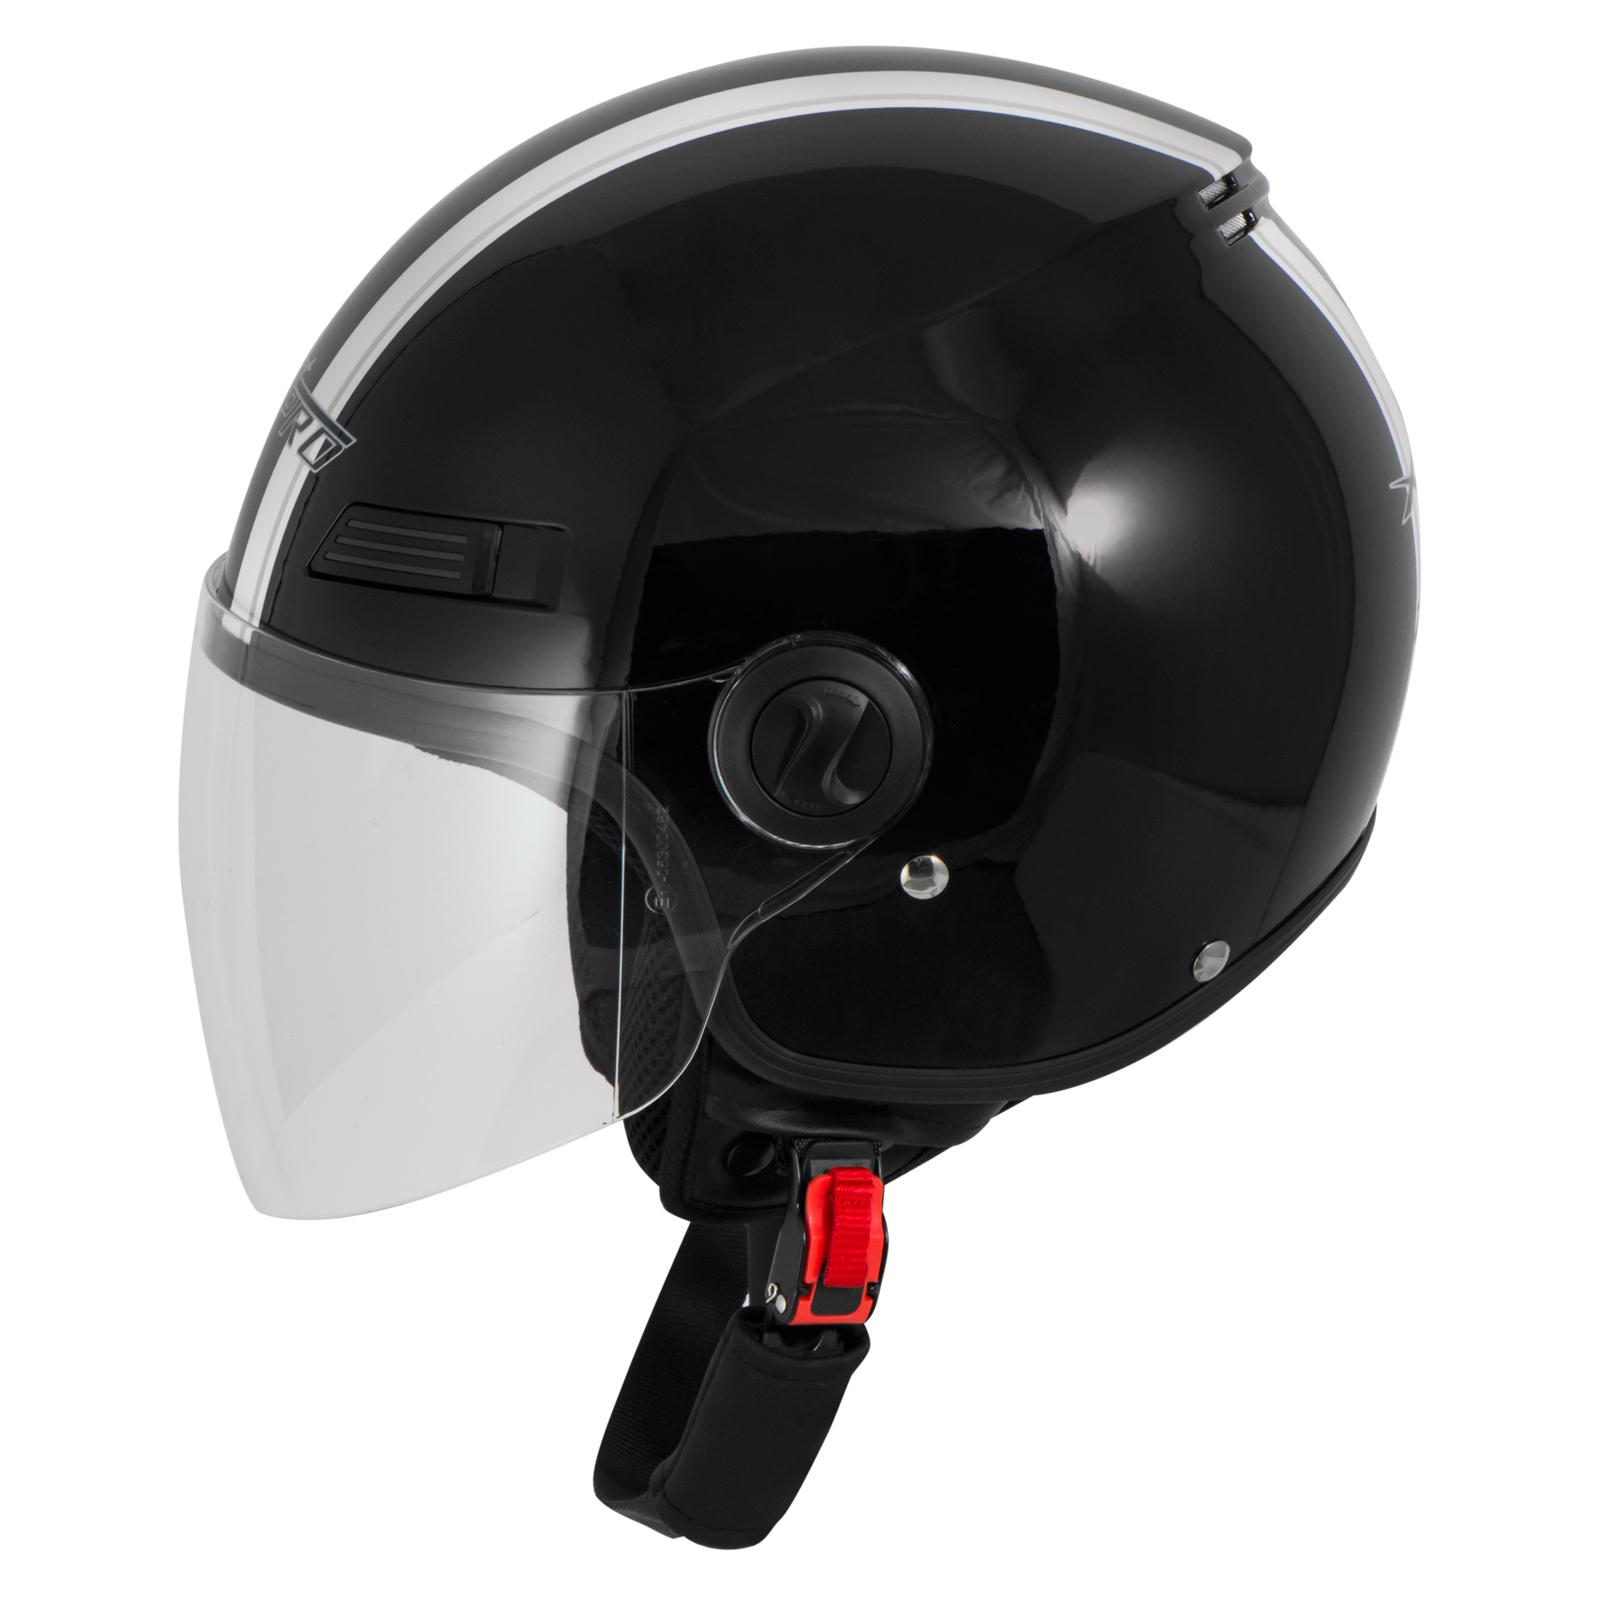 Casque-Avec-Moto-Scooter-Quad-Jet-Visiere-ECE-22-SonicMoto miniature 10